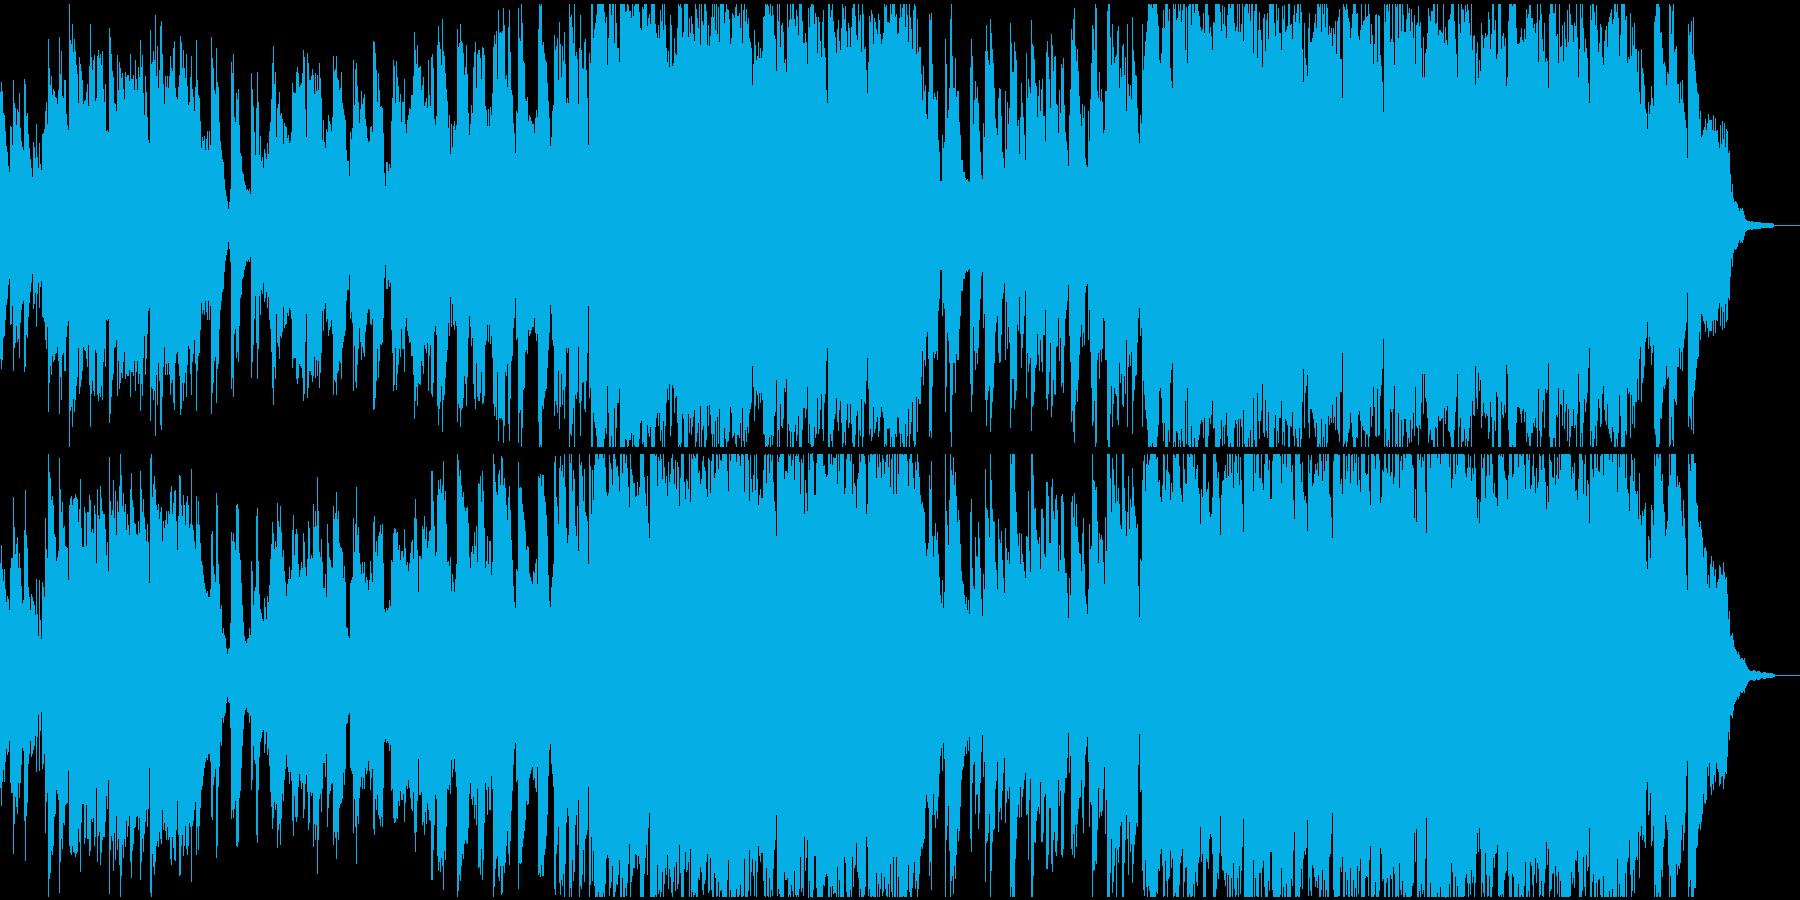 ケーナ生演奏 儚い花のイメージの笛の音楽の再生済みの波形